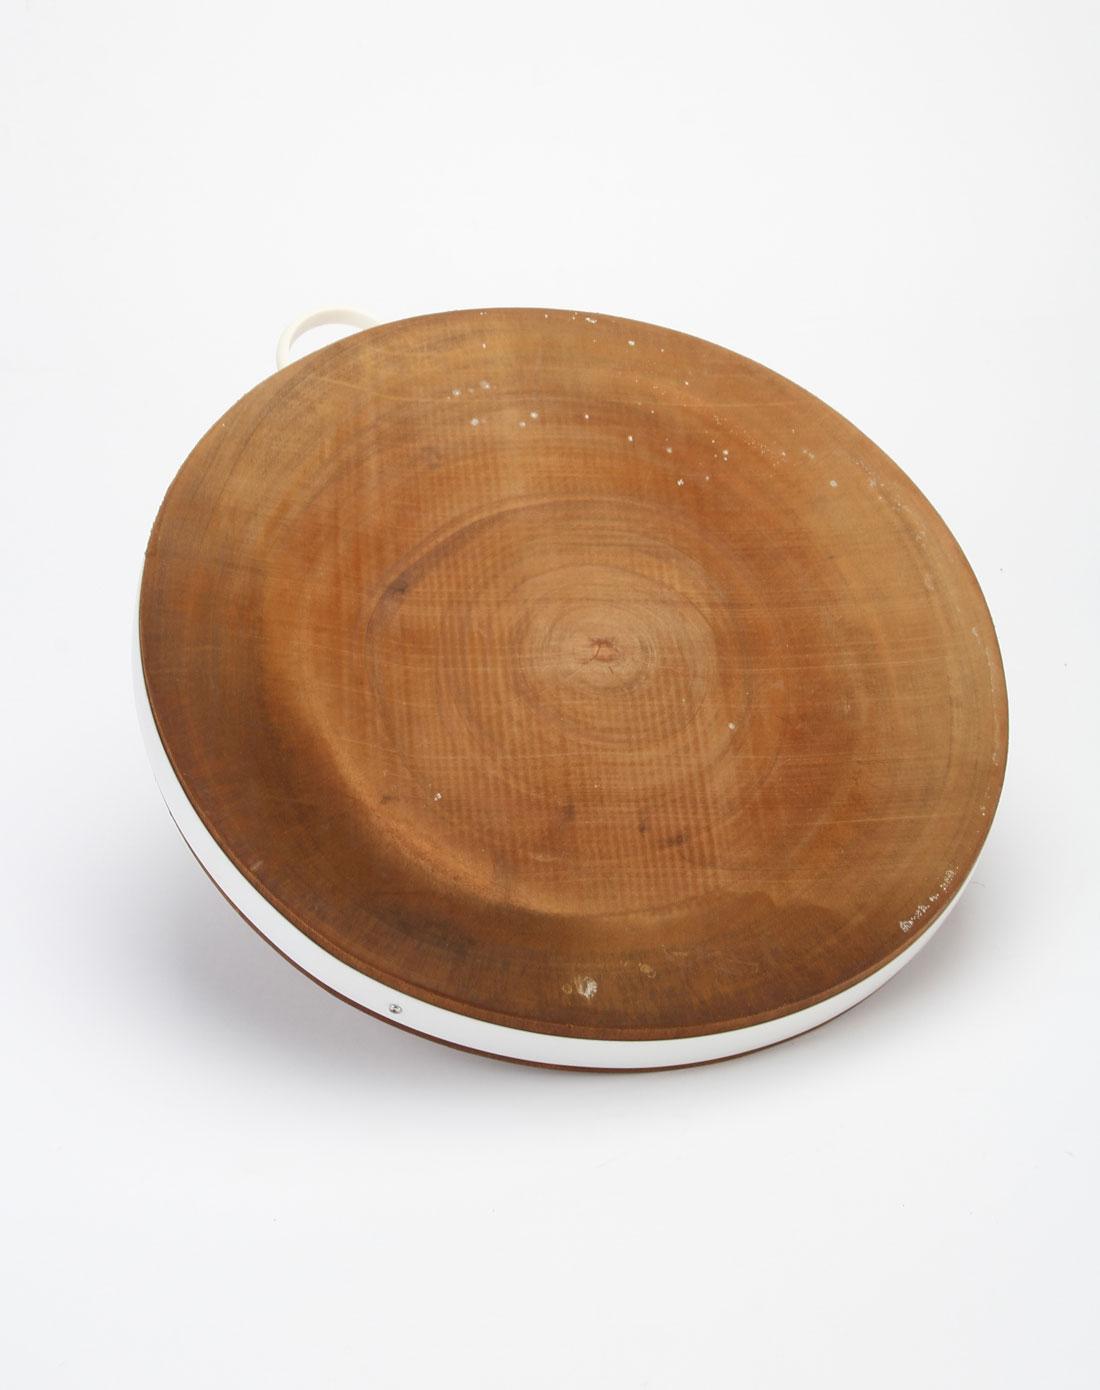 深木色进口金檀木原木砧板(圆)